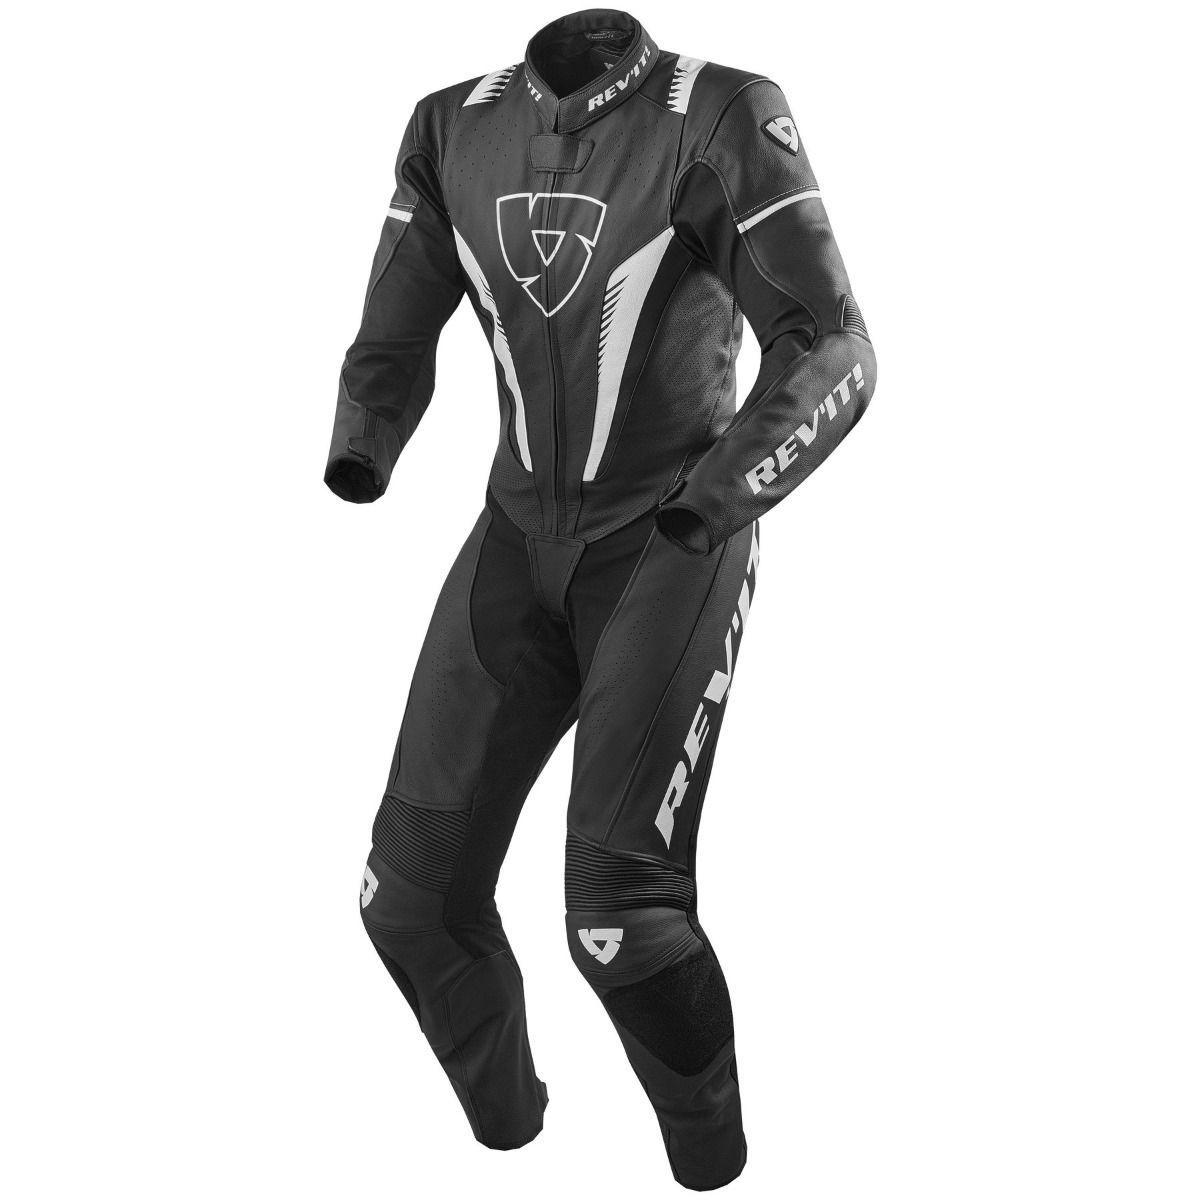 REVIT Racing Suits